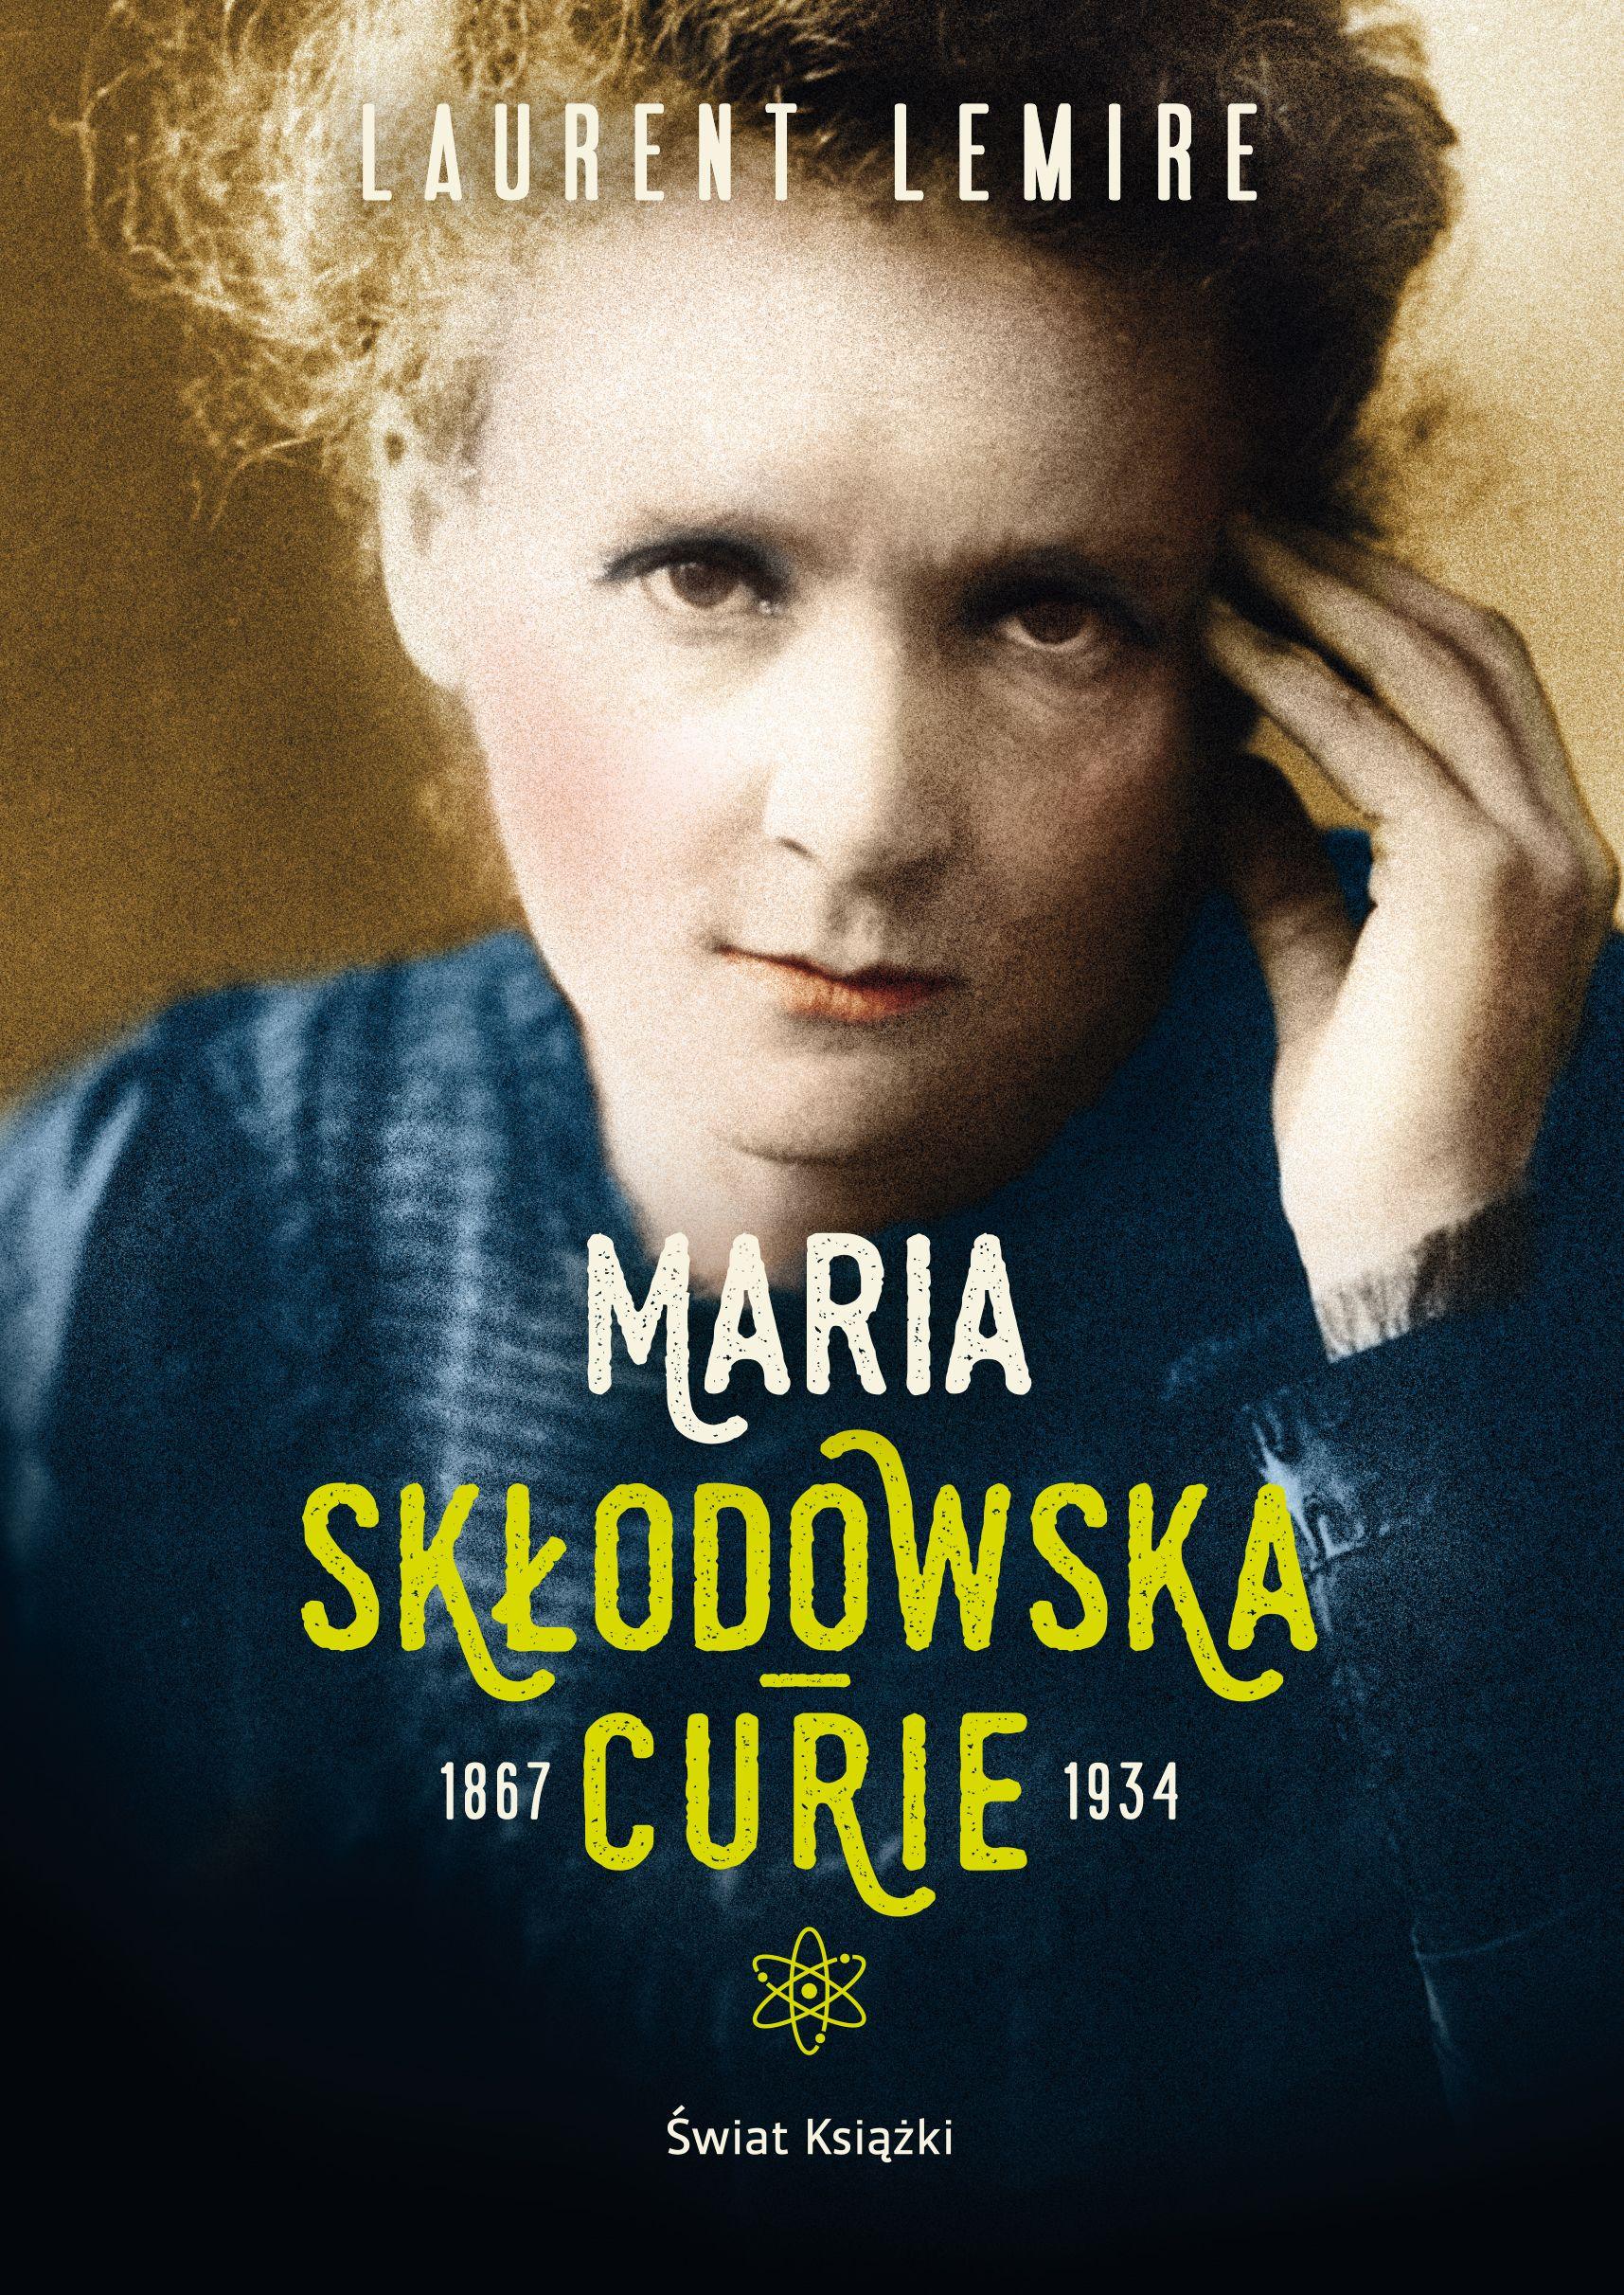 Artykuł powstał między innymi w oparciu o biografię Marii Skłodowskiej-Curie pióra Laurenta Lemire'a, która właśnie ukazała się nakładem wydawnictwa Świat Książki.